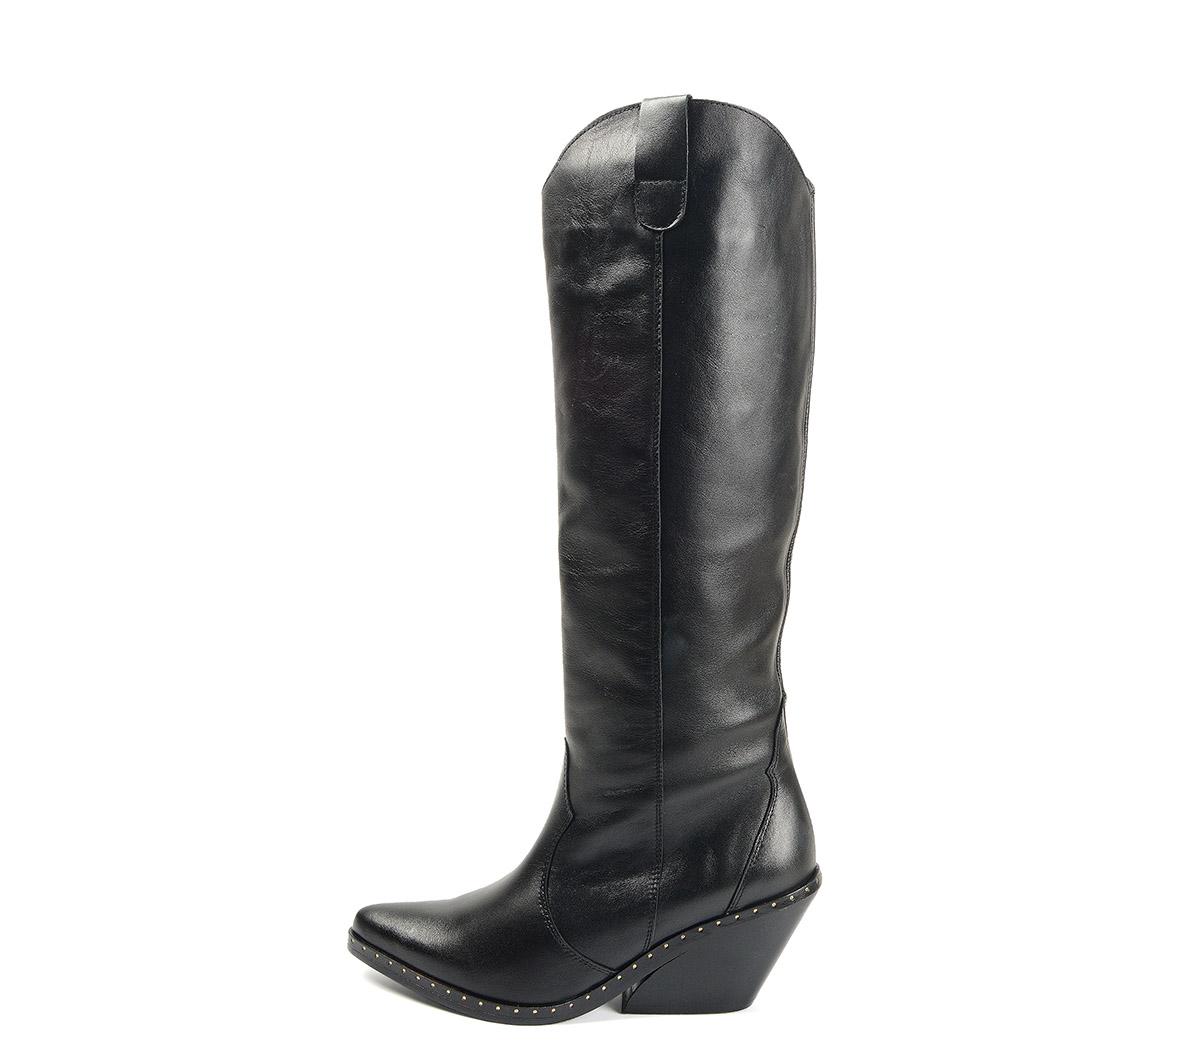 Ref. 4096 Bota piel negra campera. Acabado en punta. Detalle tachuelas en el contorno de la suela. Tacón de 7.5 cm. Altura de caña 35 cm.